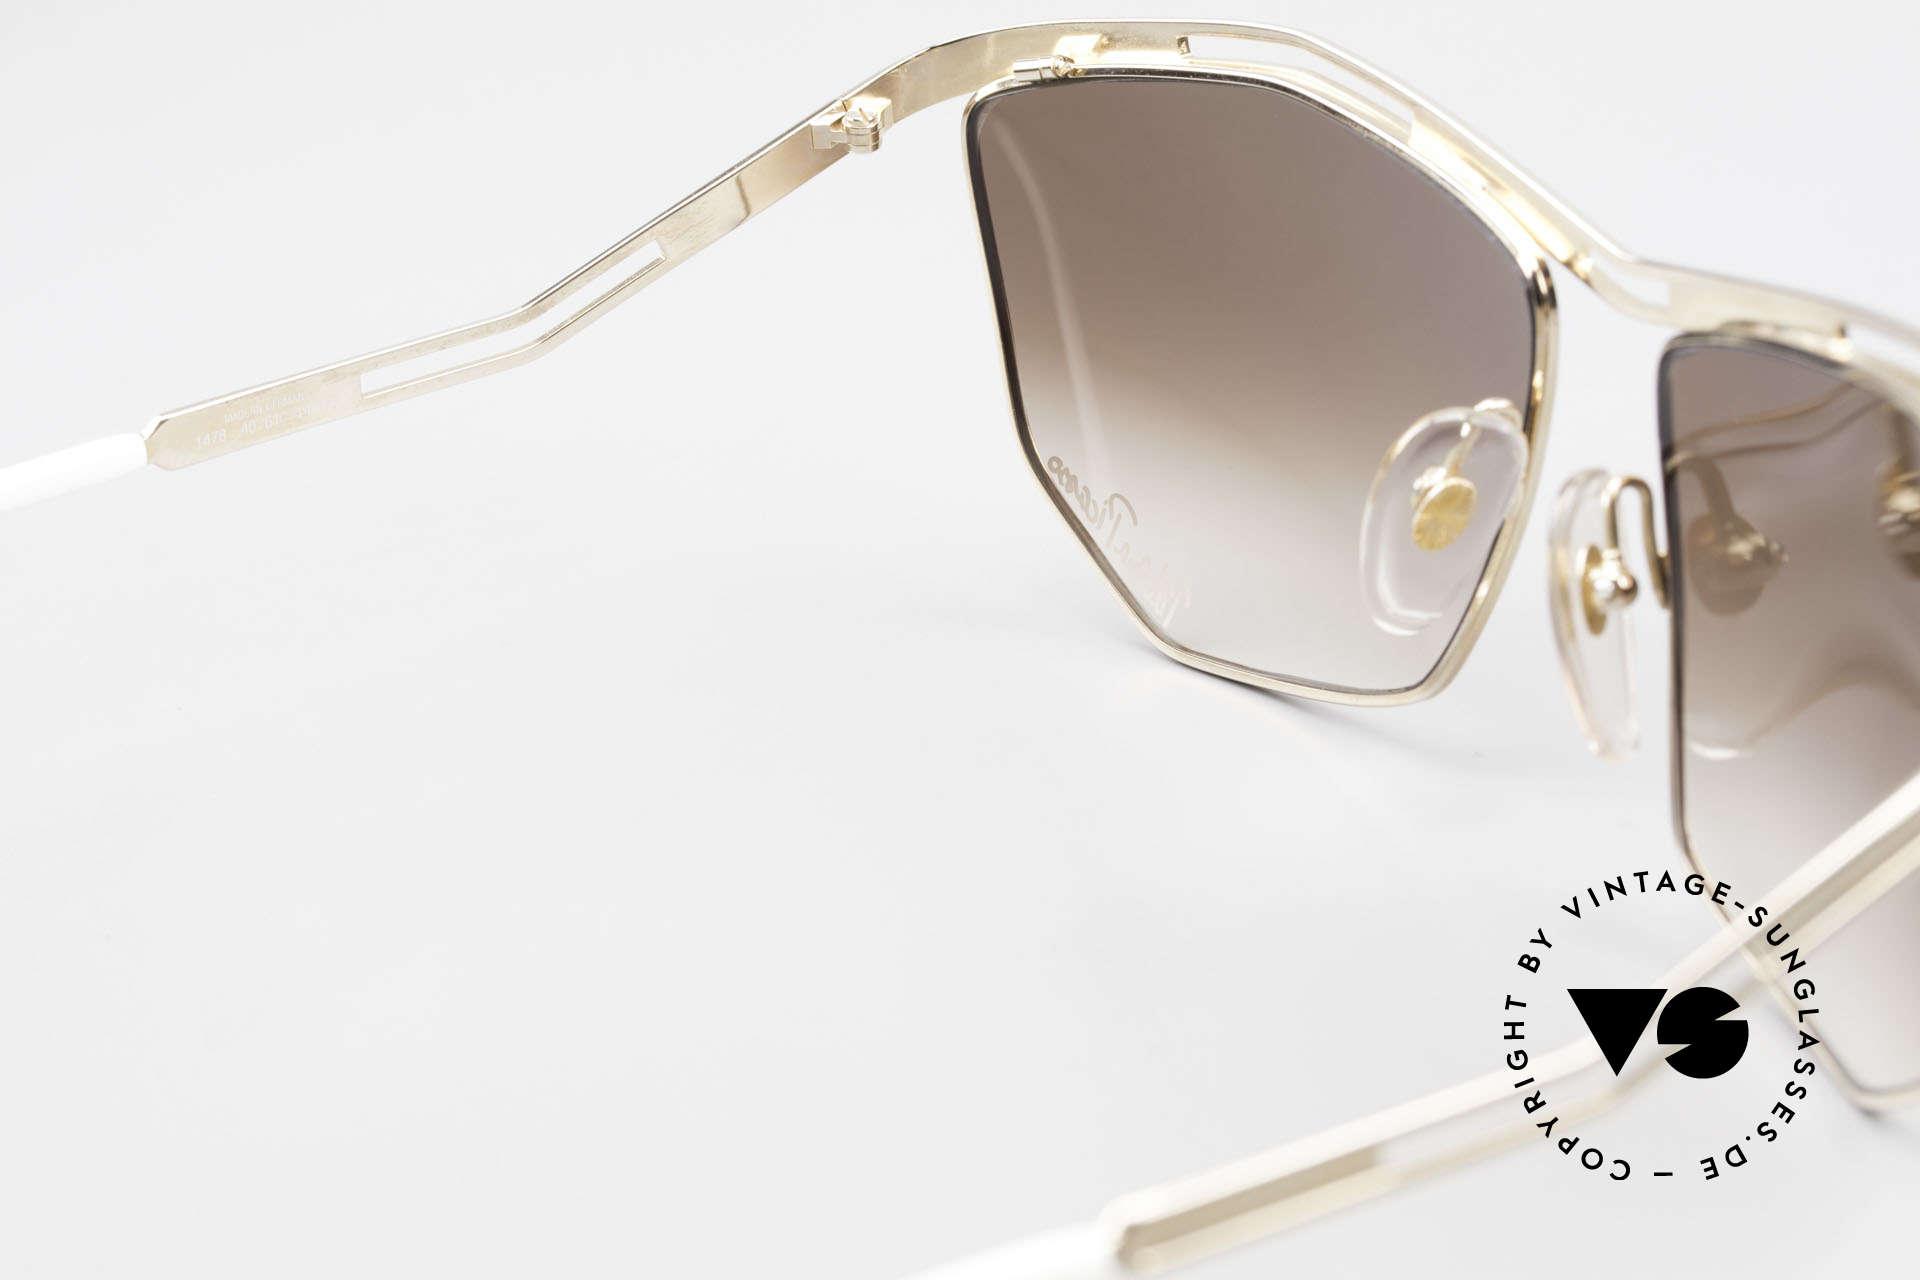 Paloma Picasso 1478 Keine Retrobrille 90er Original, KEINE Retrosonnenbrille; eine 30 Jahre alte Rarität, Passend für Damen